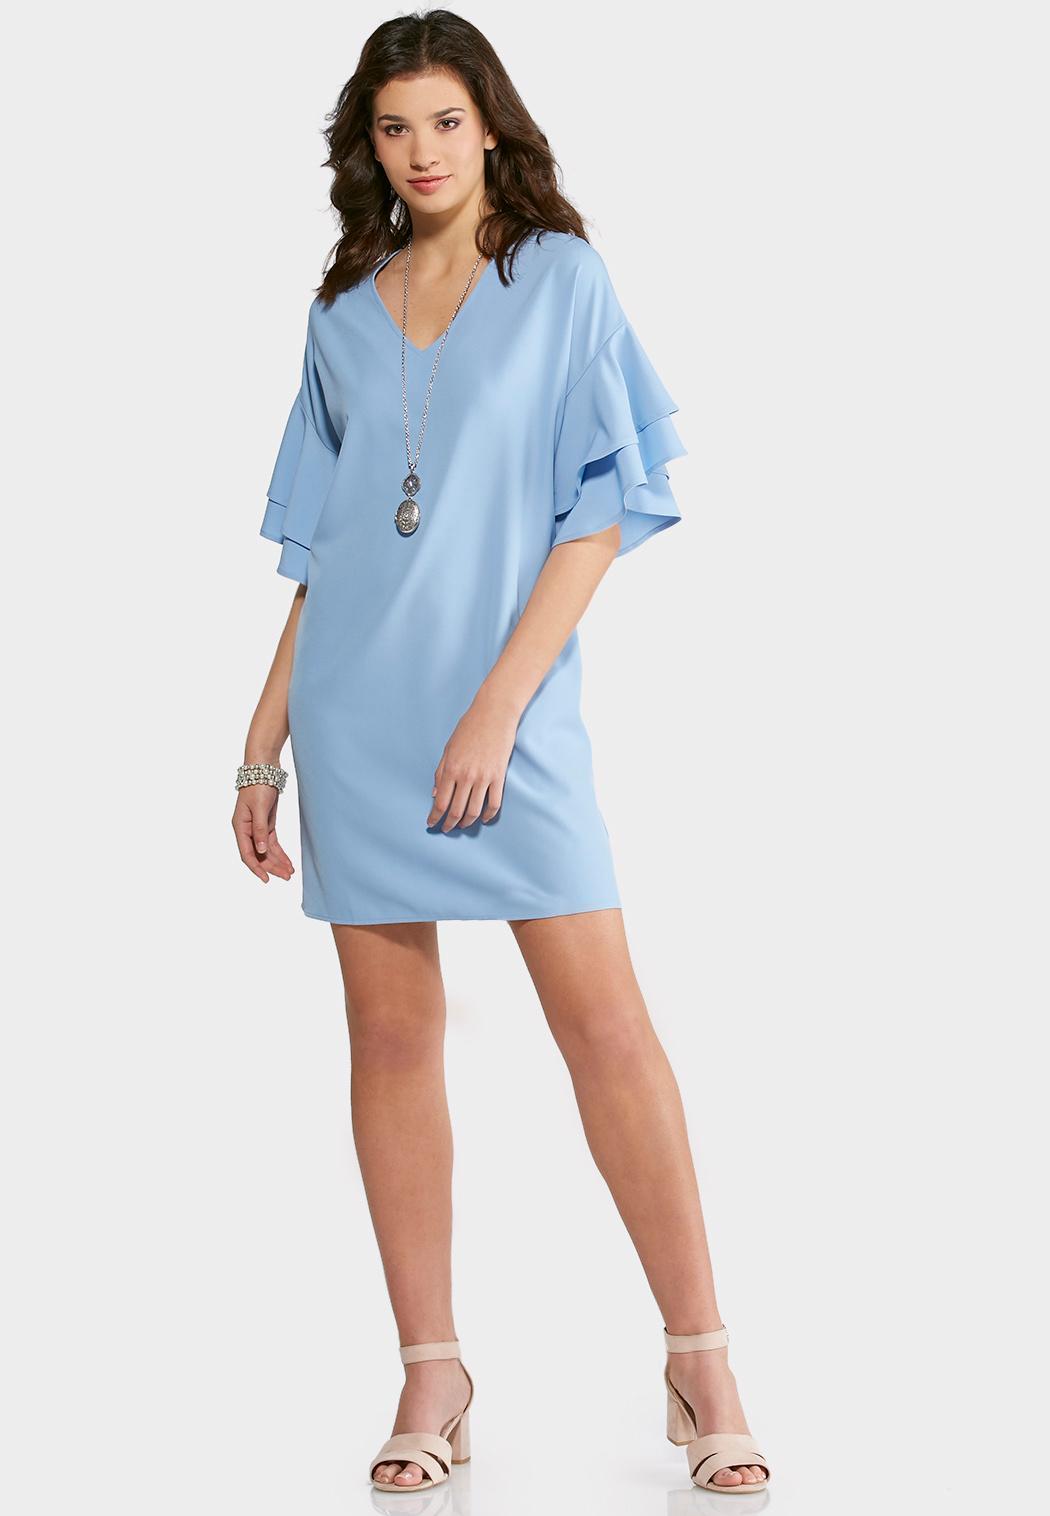 43f98e46f49 Cato Plus Size Plus Size Dresses dressesss